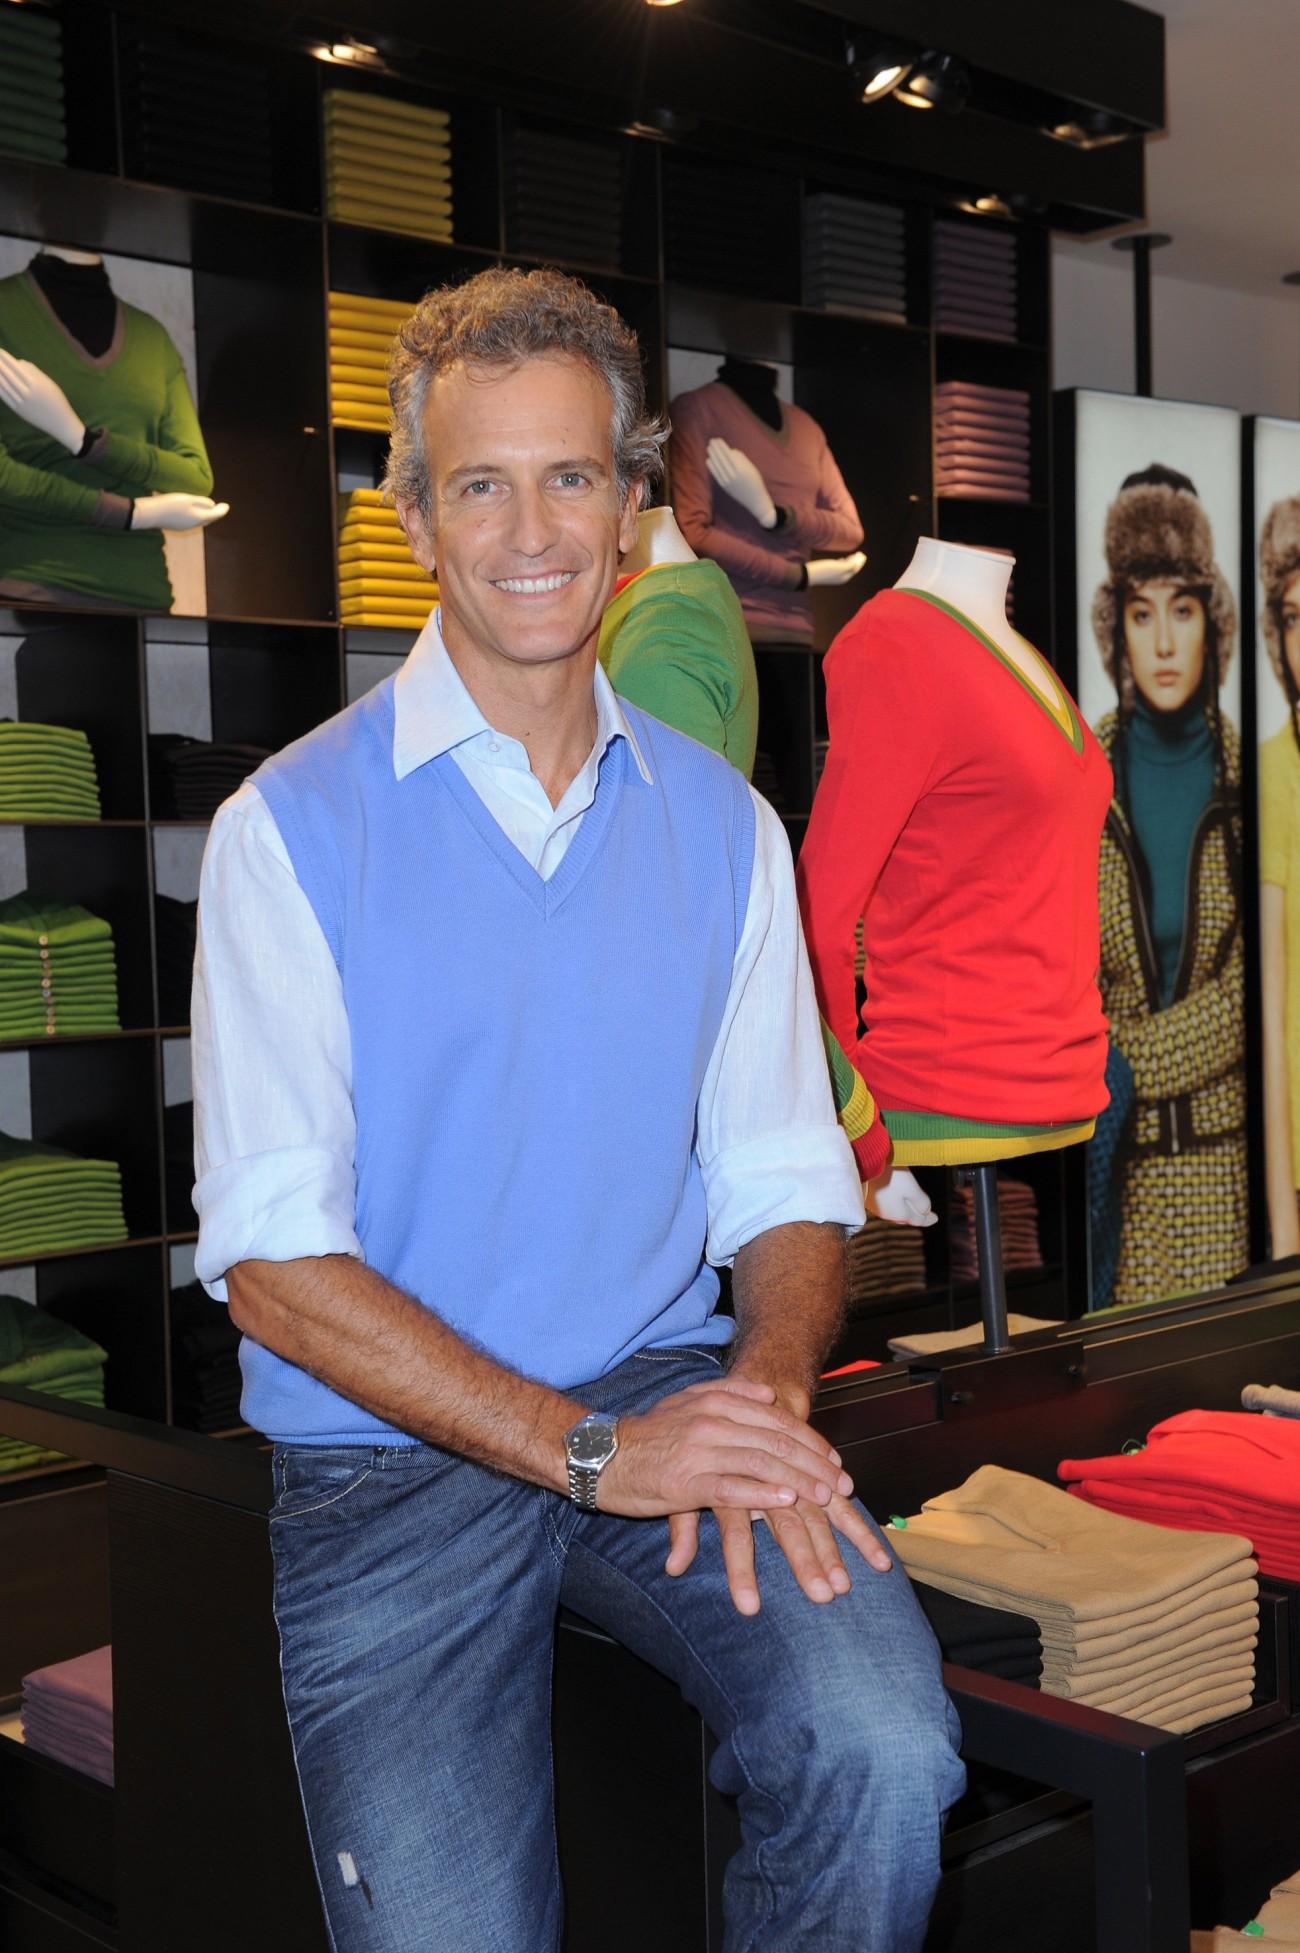 Alessandro Benetton ist erfreut über seine neueste Kooperation mit 'Puig' Foto: 'Benetton Group'